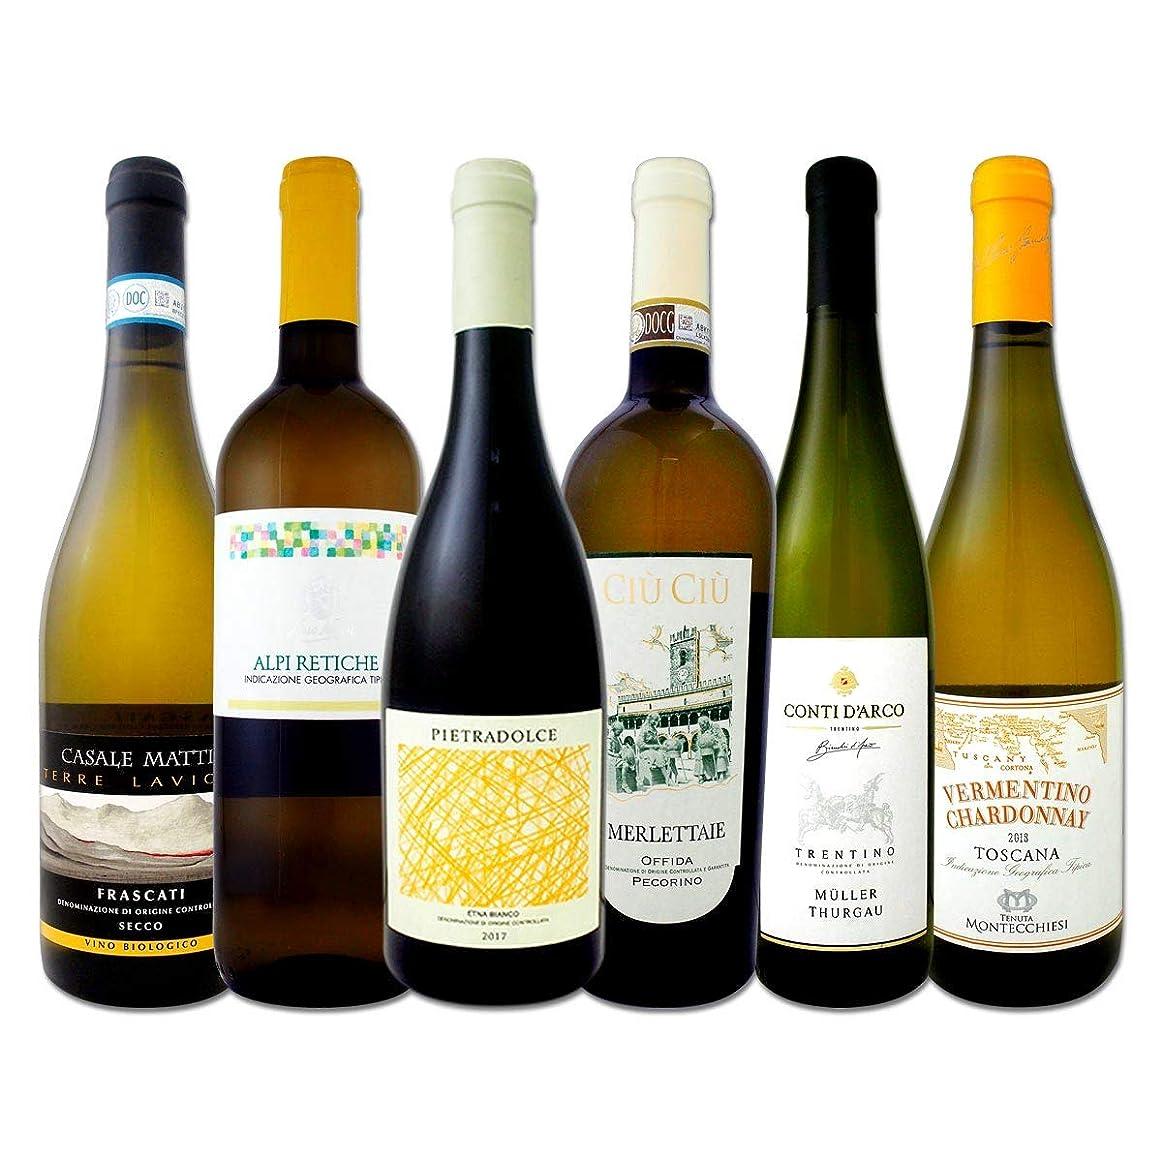 無駄な深くエクスタシー充実感たっぷりのイタリア白ワイン6本セット